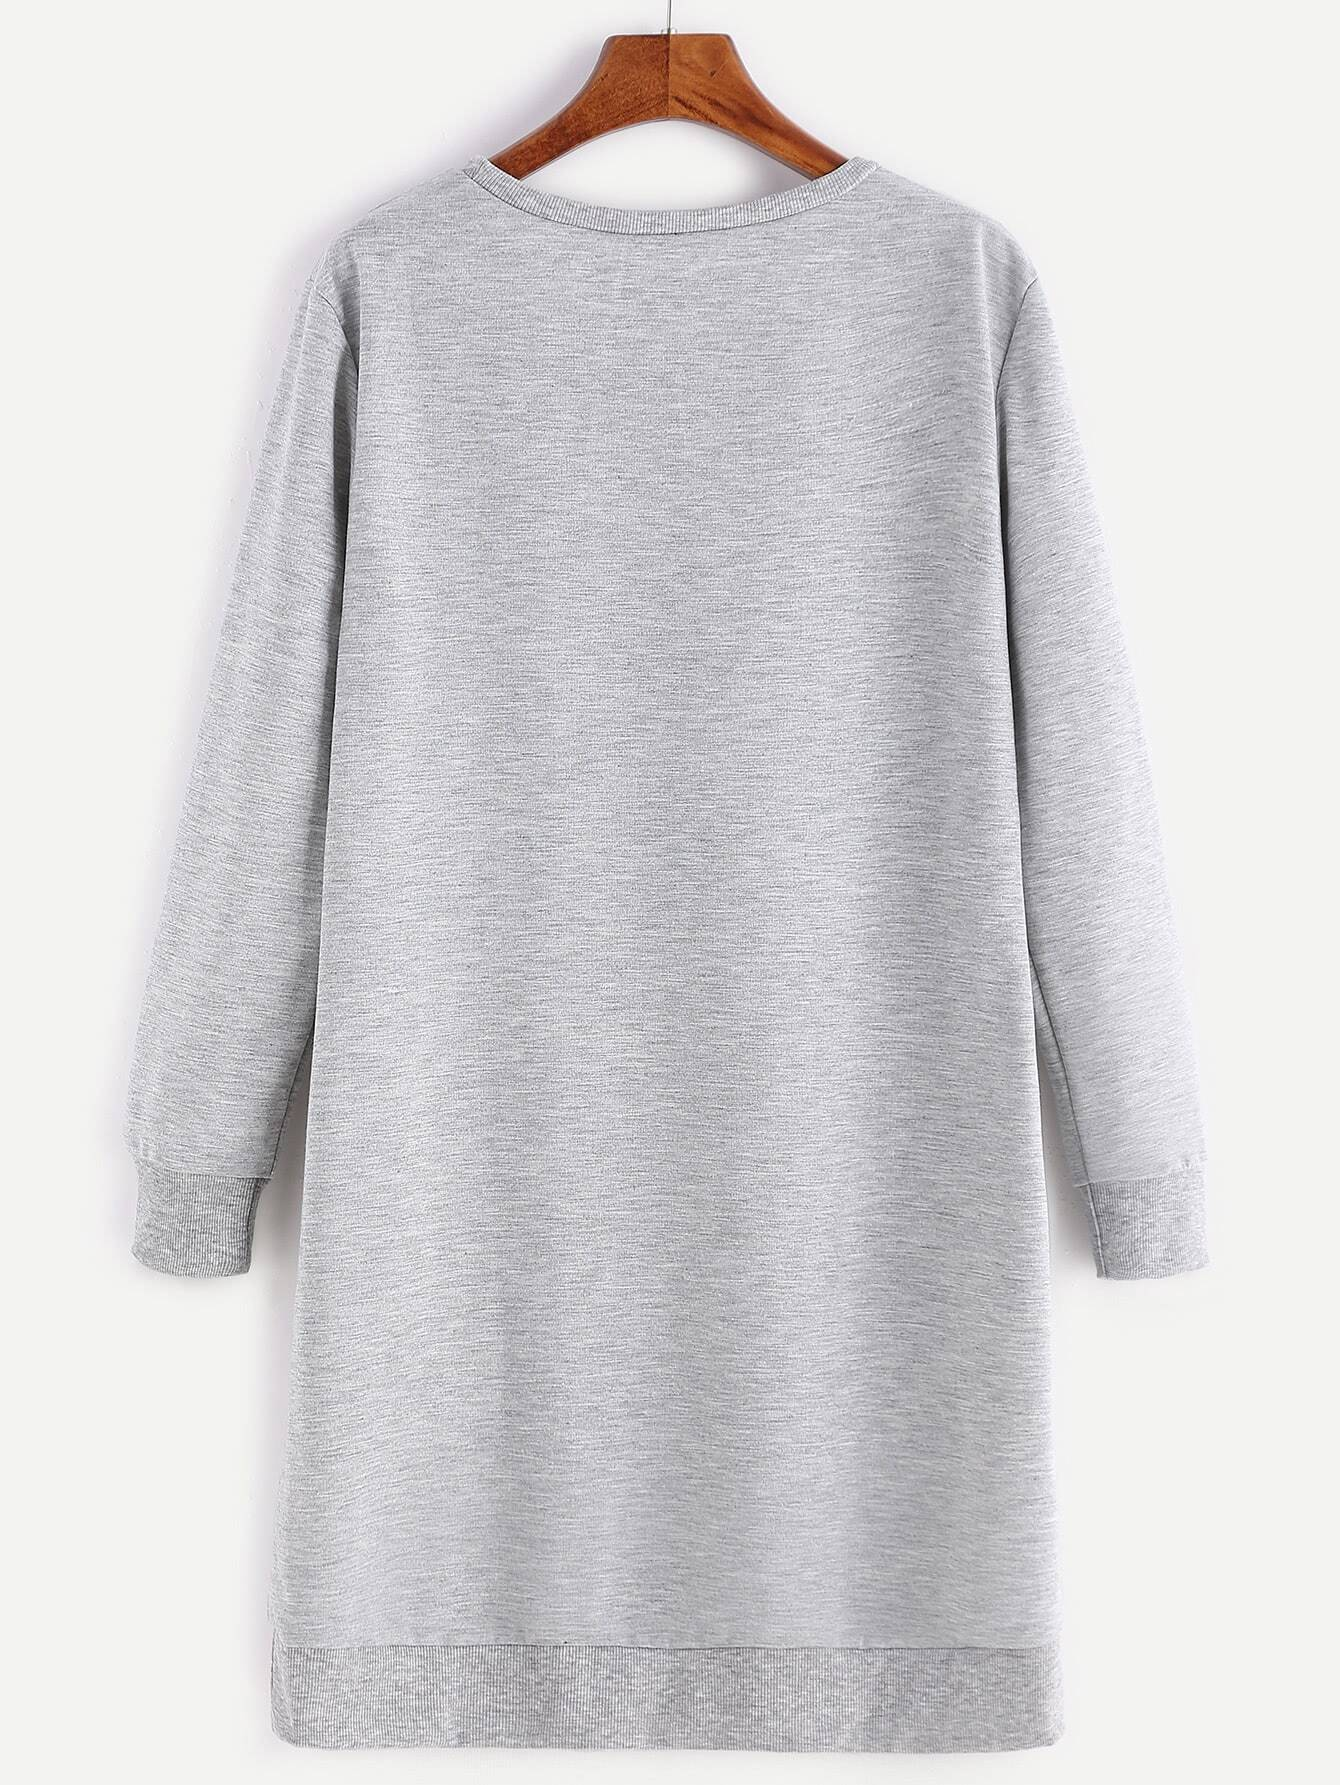 dress170109301_2